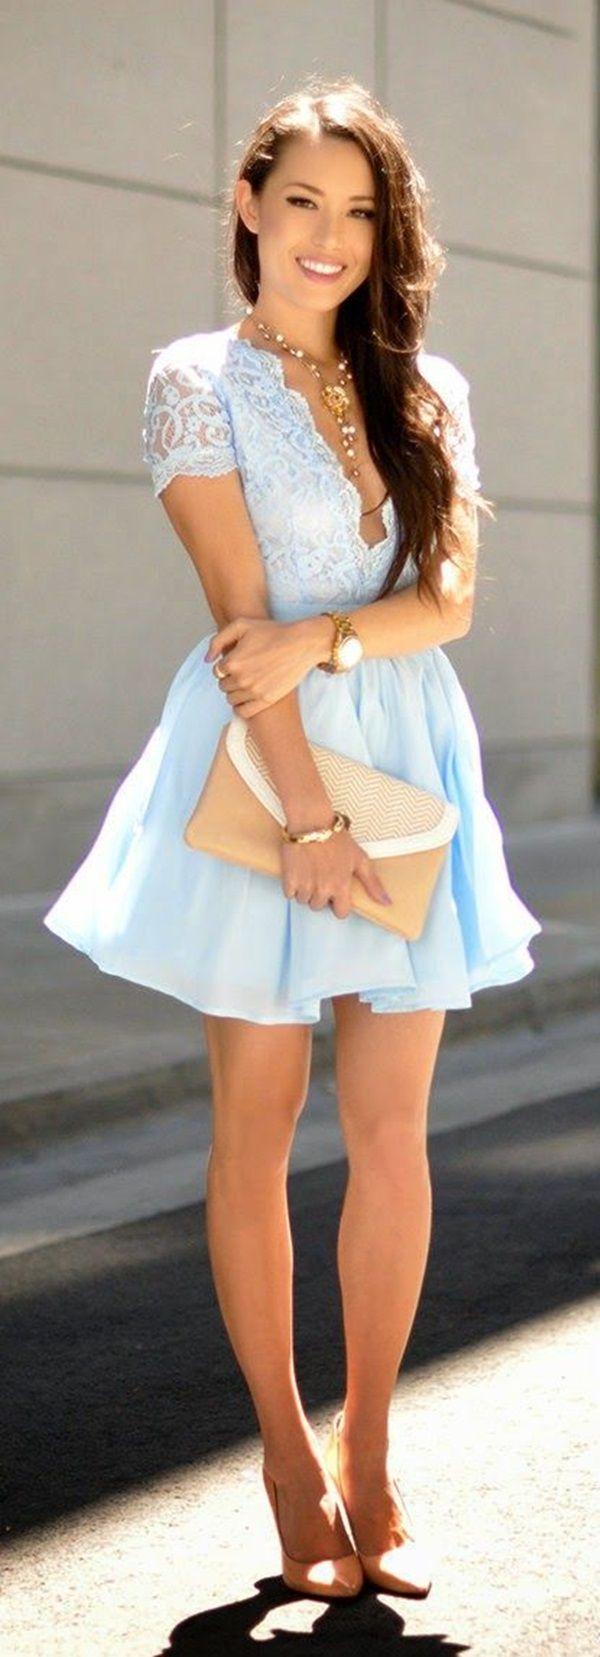 bildhübsches Sugarbabe angezogen mit himmelblauem kurzen Kleid   Dress   Traumhaftes Mini Kleid   Sugarkleid   Sugargirl